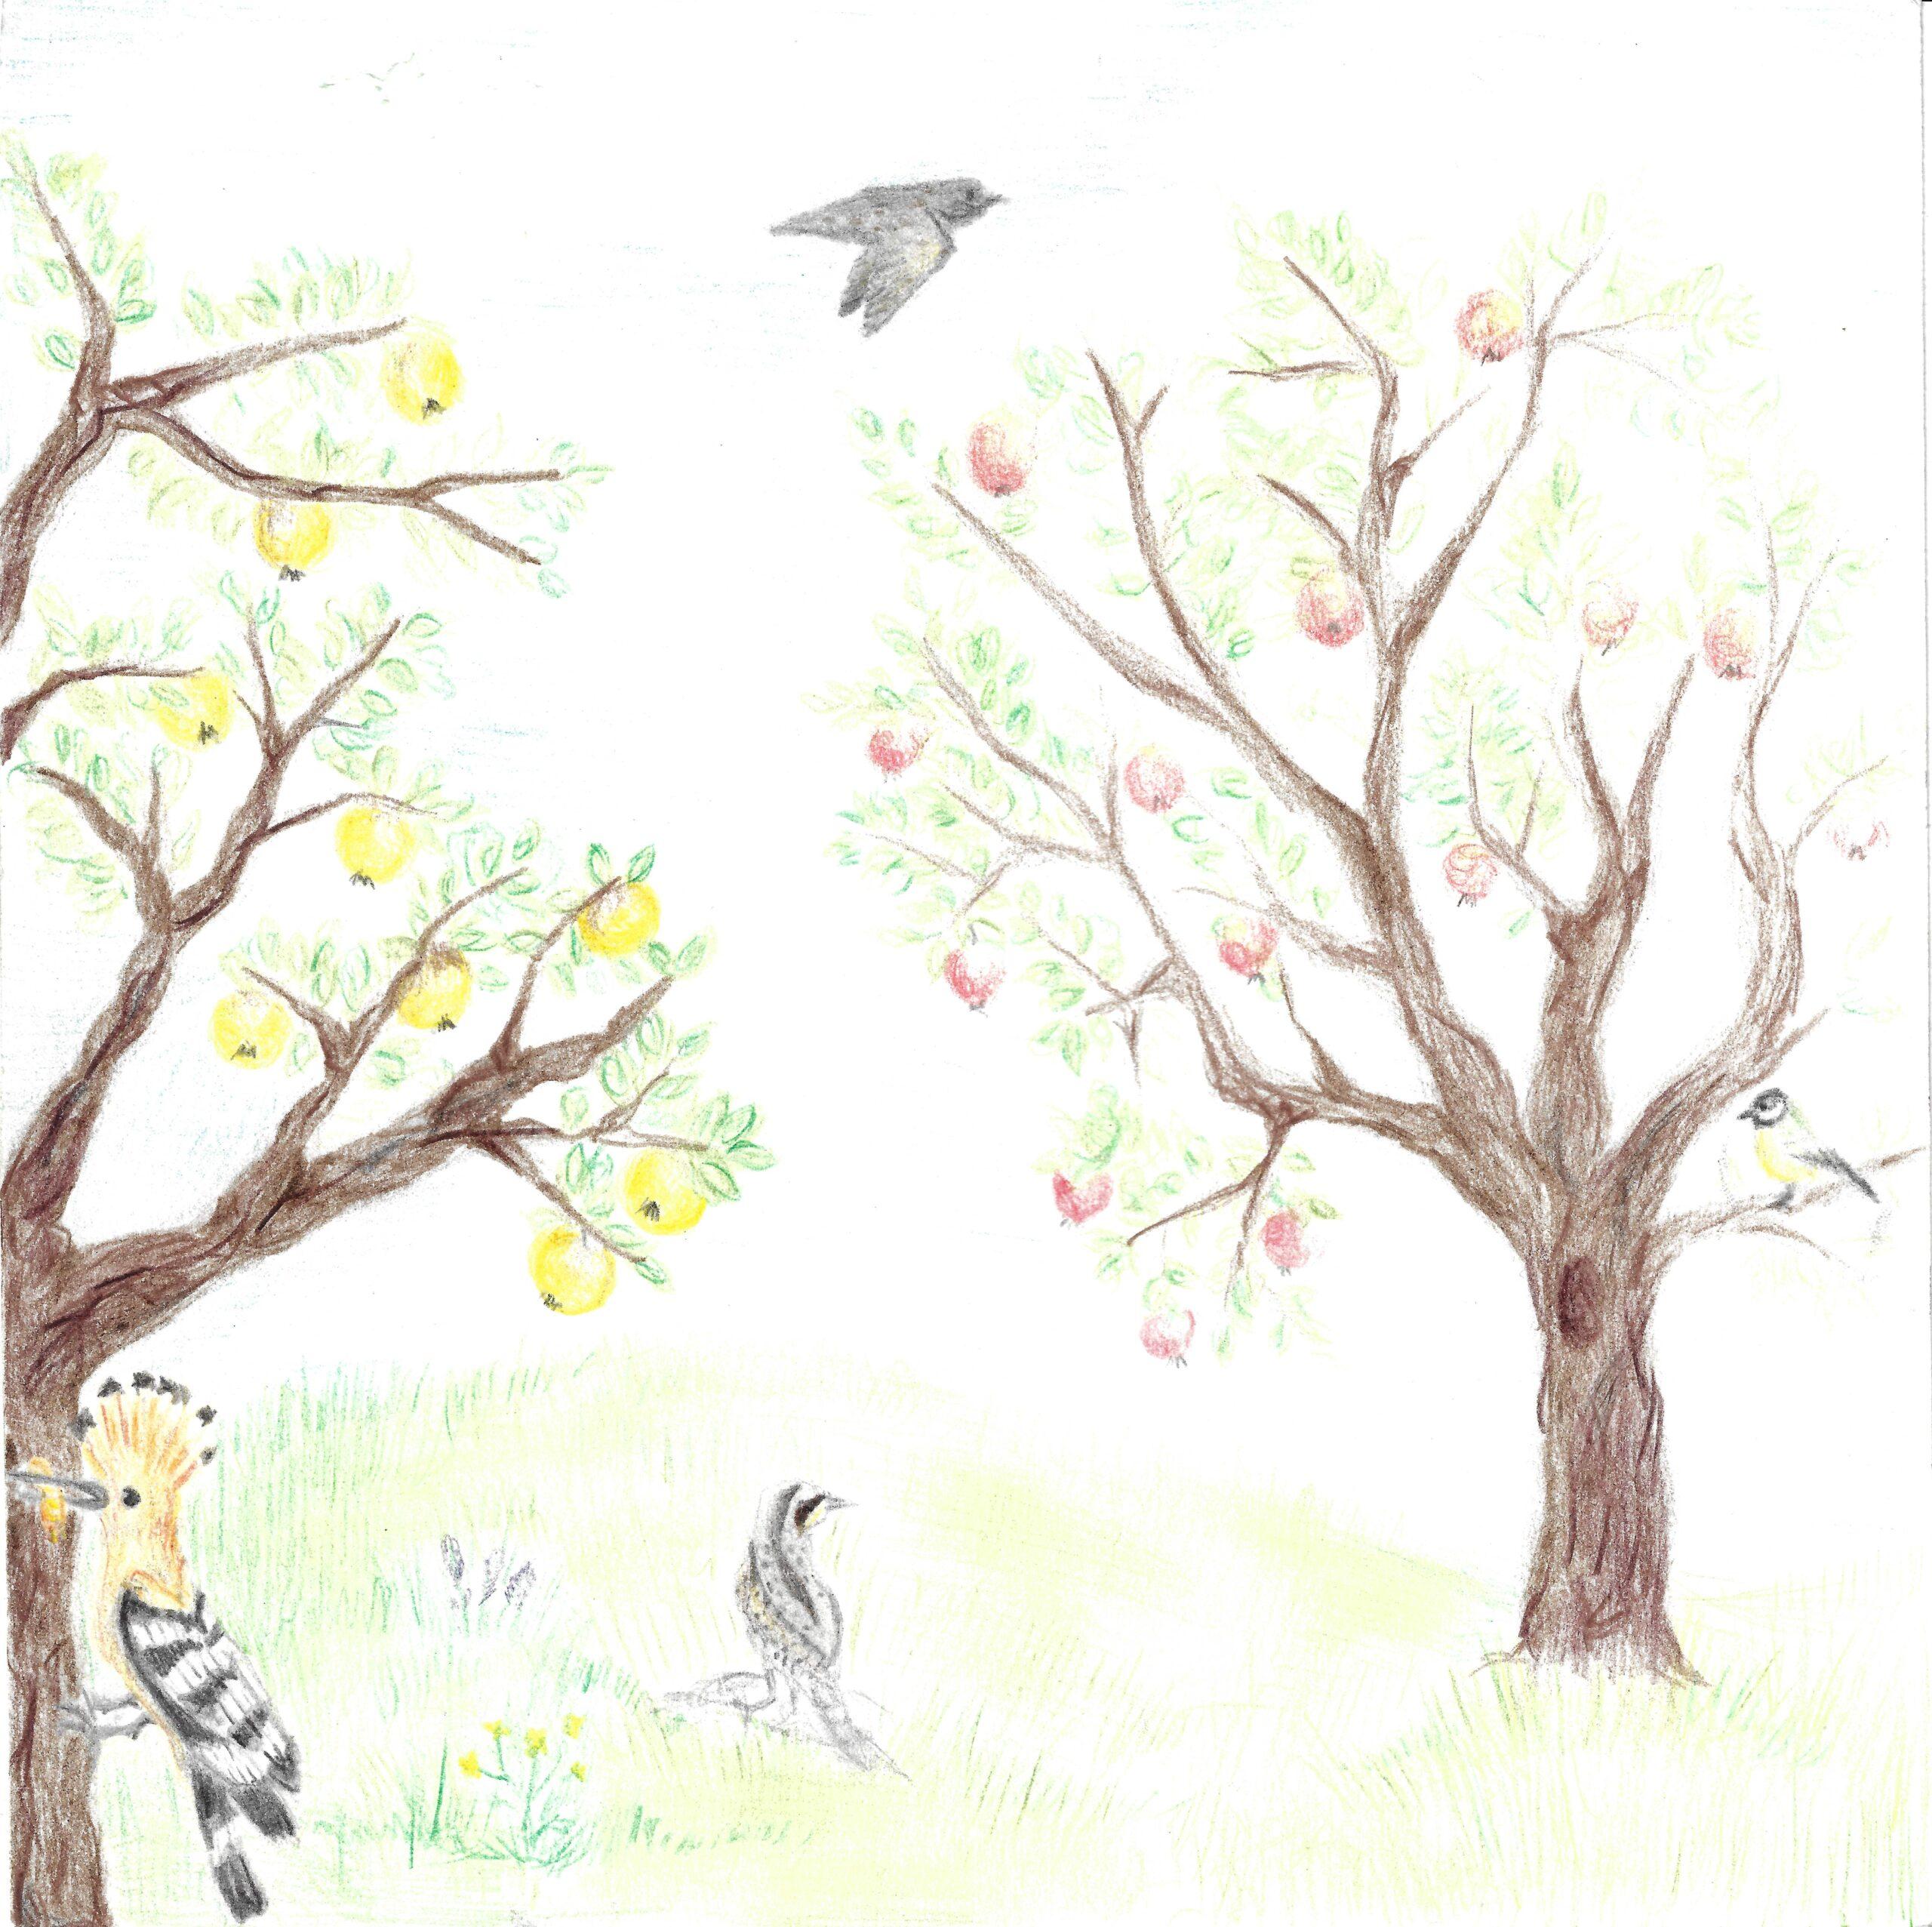 Klara-Šergon-7.r.-OŠ-Lesično-risba-na-naslovni-strani-knjižice-zgodba-o-pticah-v-visokodebelnih-sadovnjakih-scaled